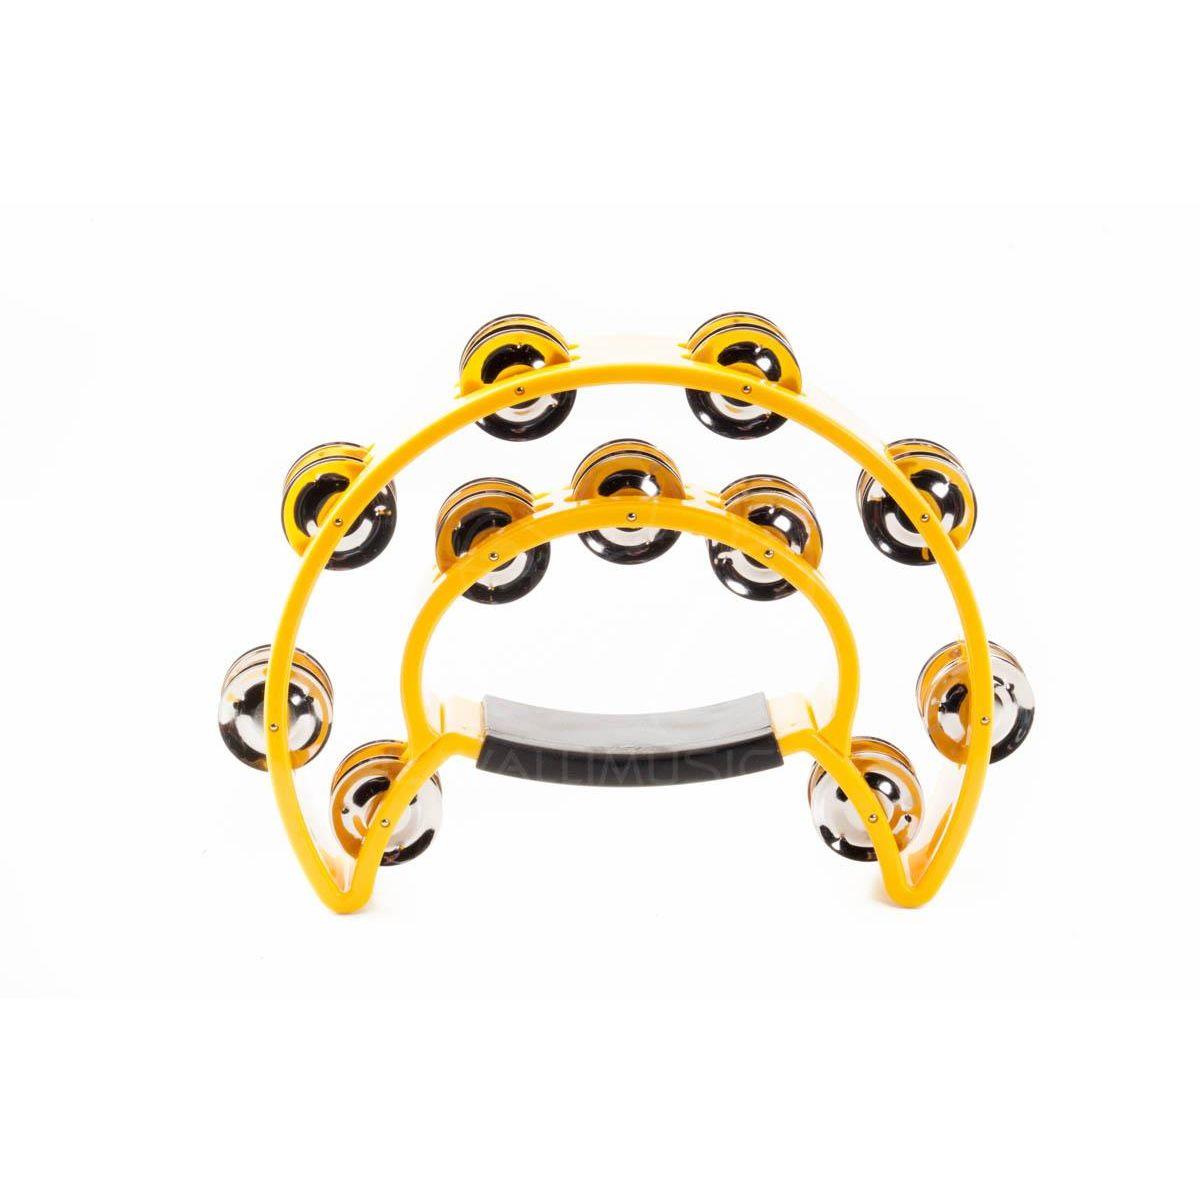 Cembalo Peace mezzaluna doppia fila sonagli plastica giallo